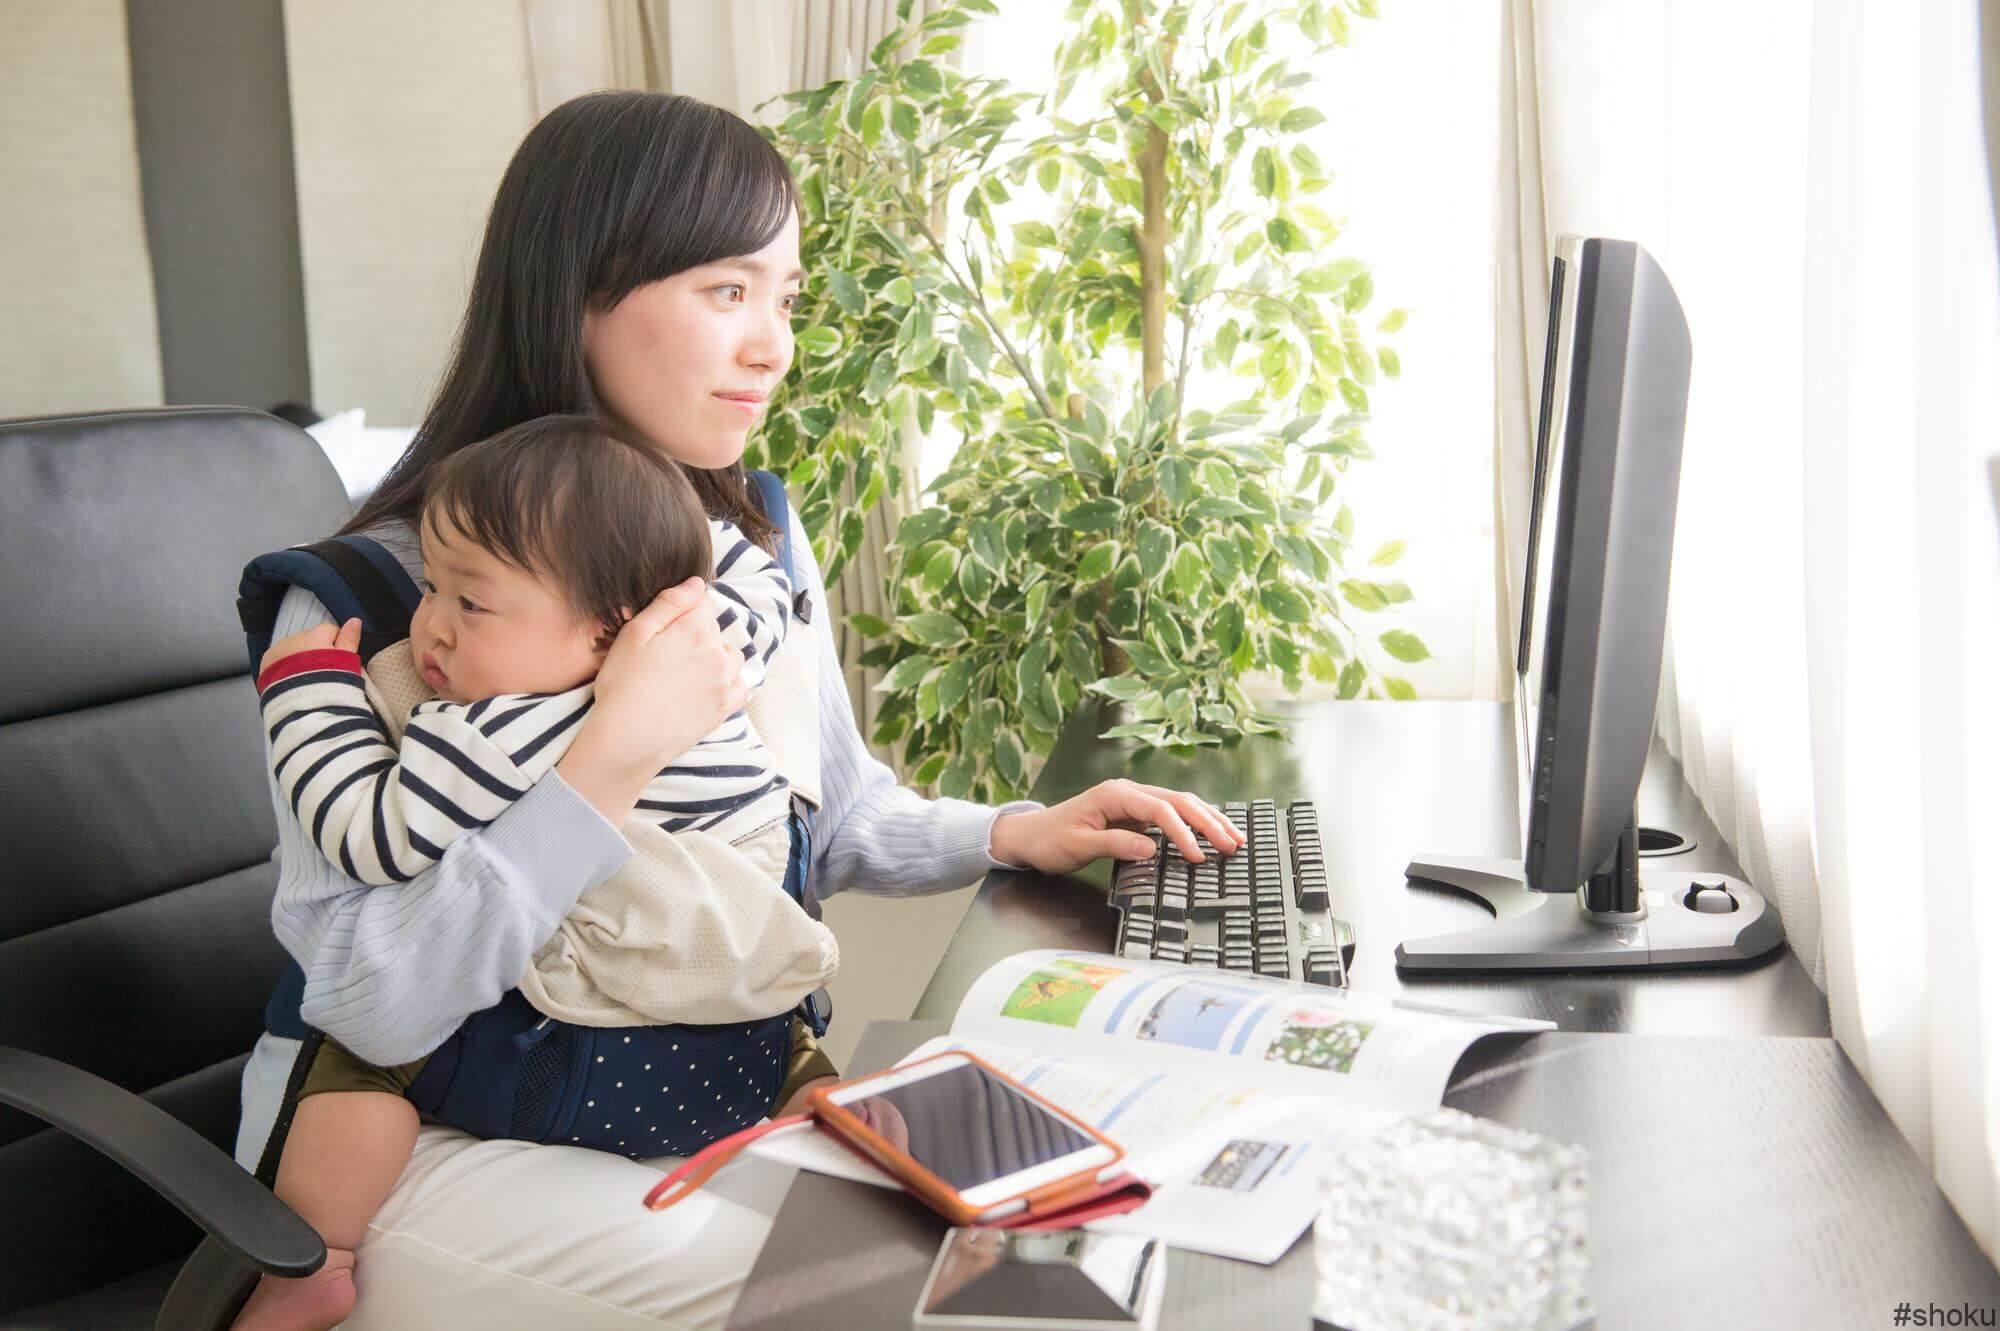 企業の育休・産休取得実績の情報を知りたい!